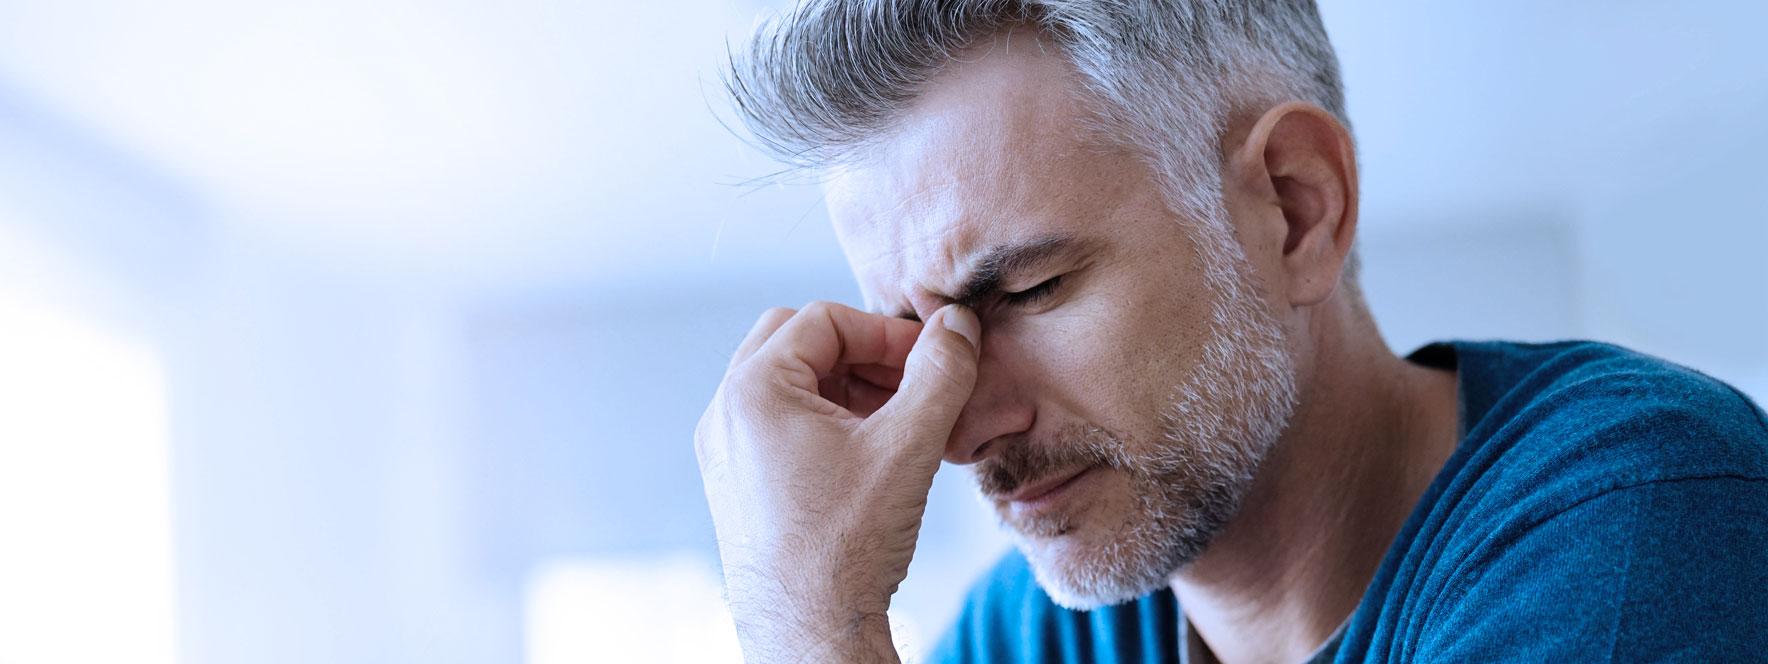 Soulagement des maux de tête | Le Réseau